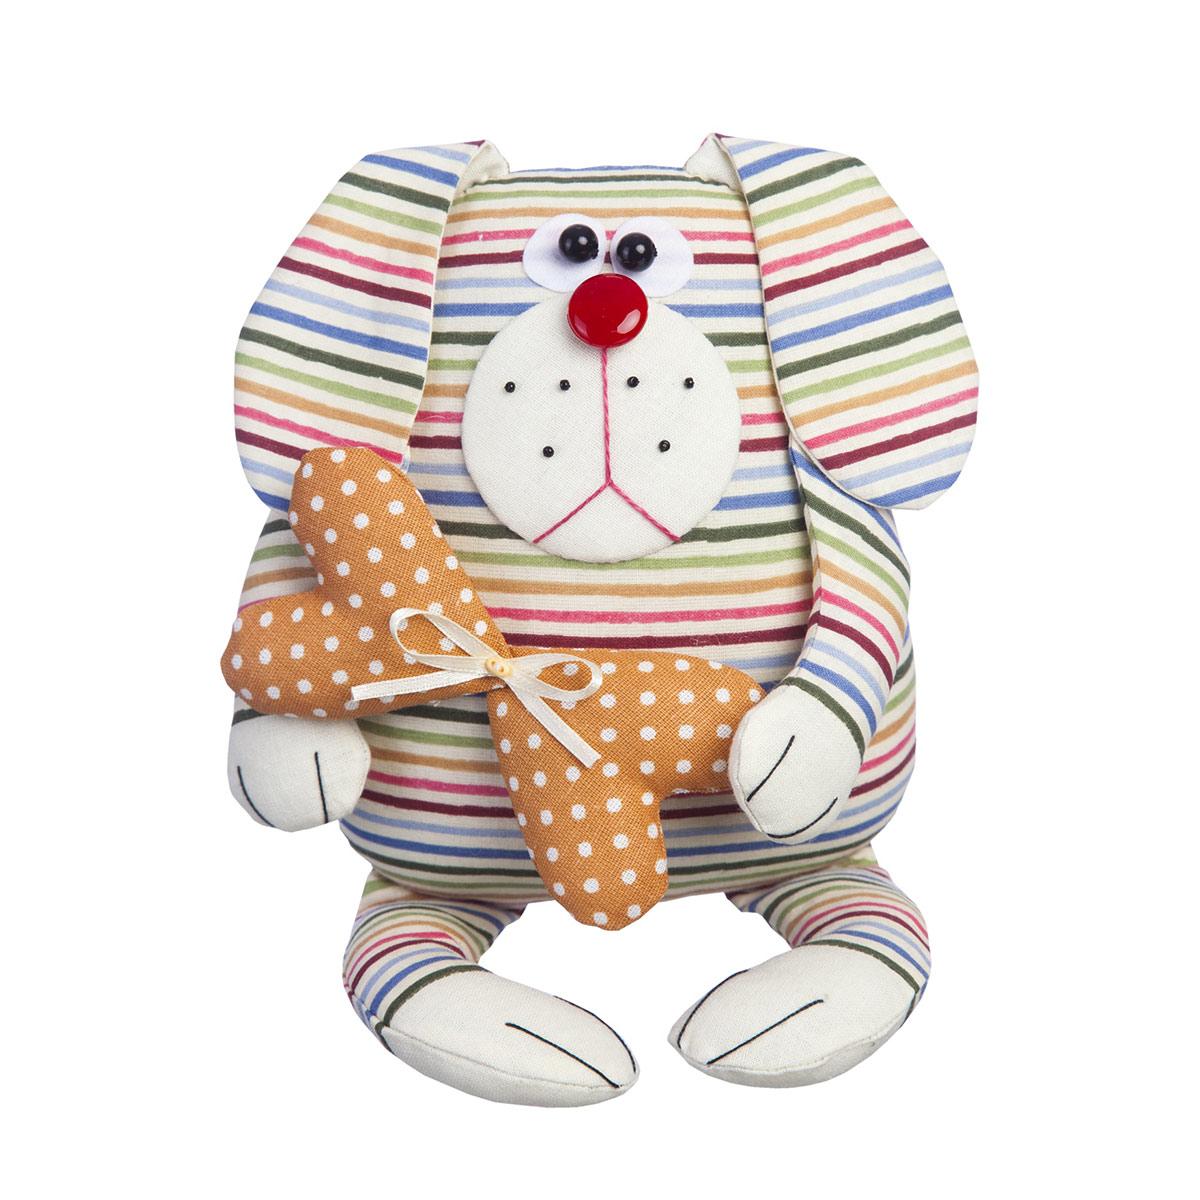 ТК-002 Набор для шитья мягкой игрушки 'Пёс Лучик'